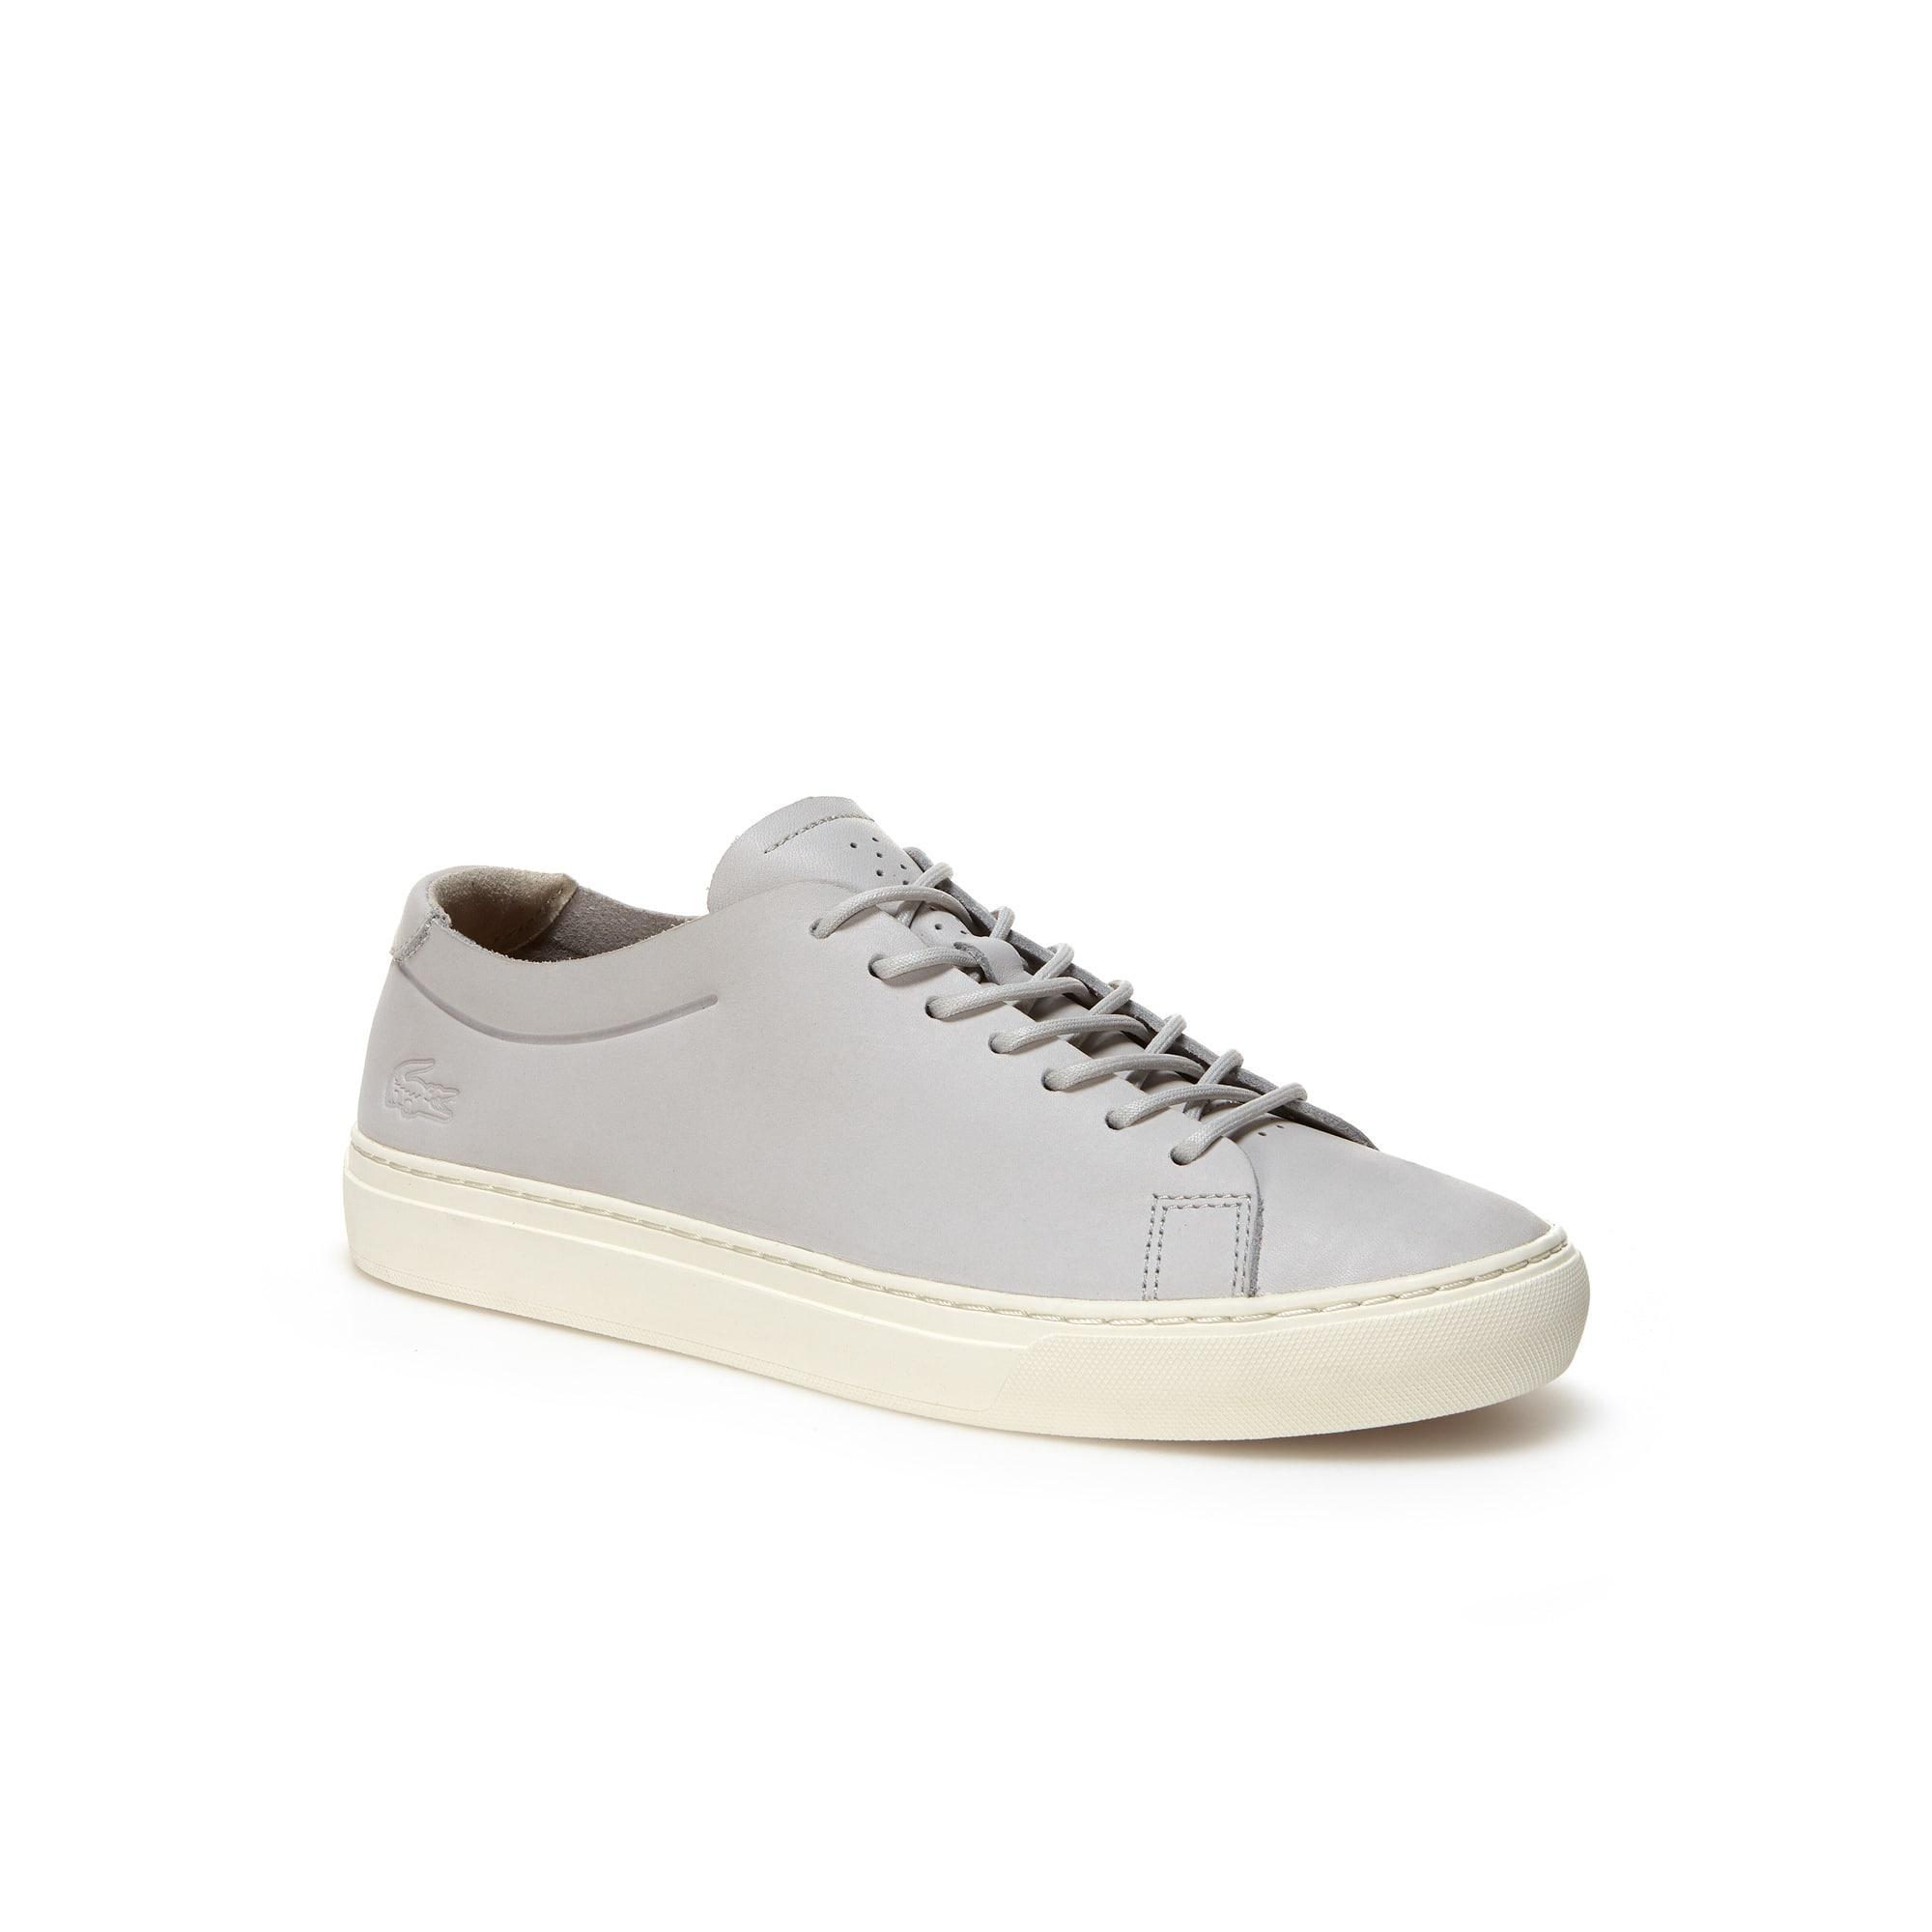 Mens Lacoste L1212 sneaker s Light Grey